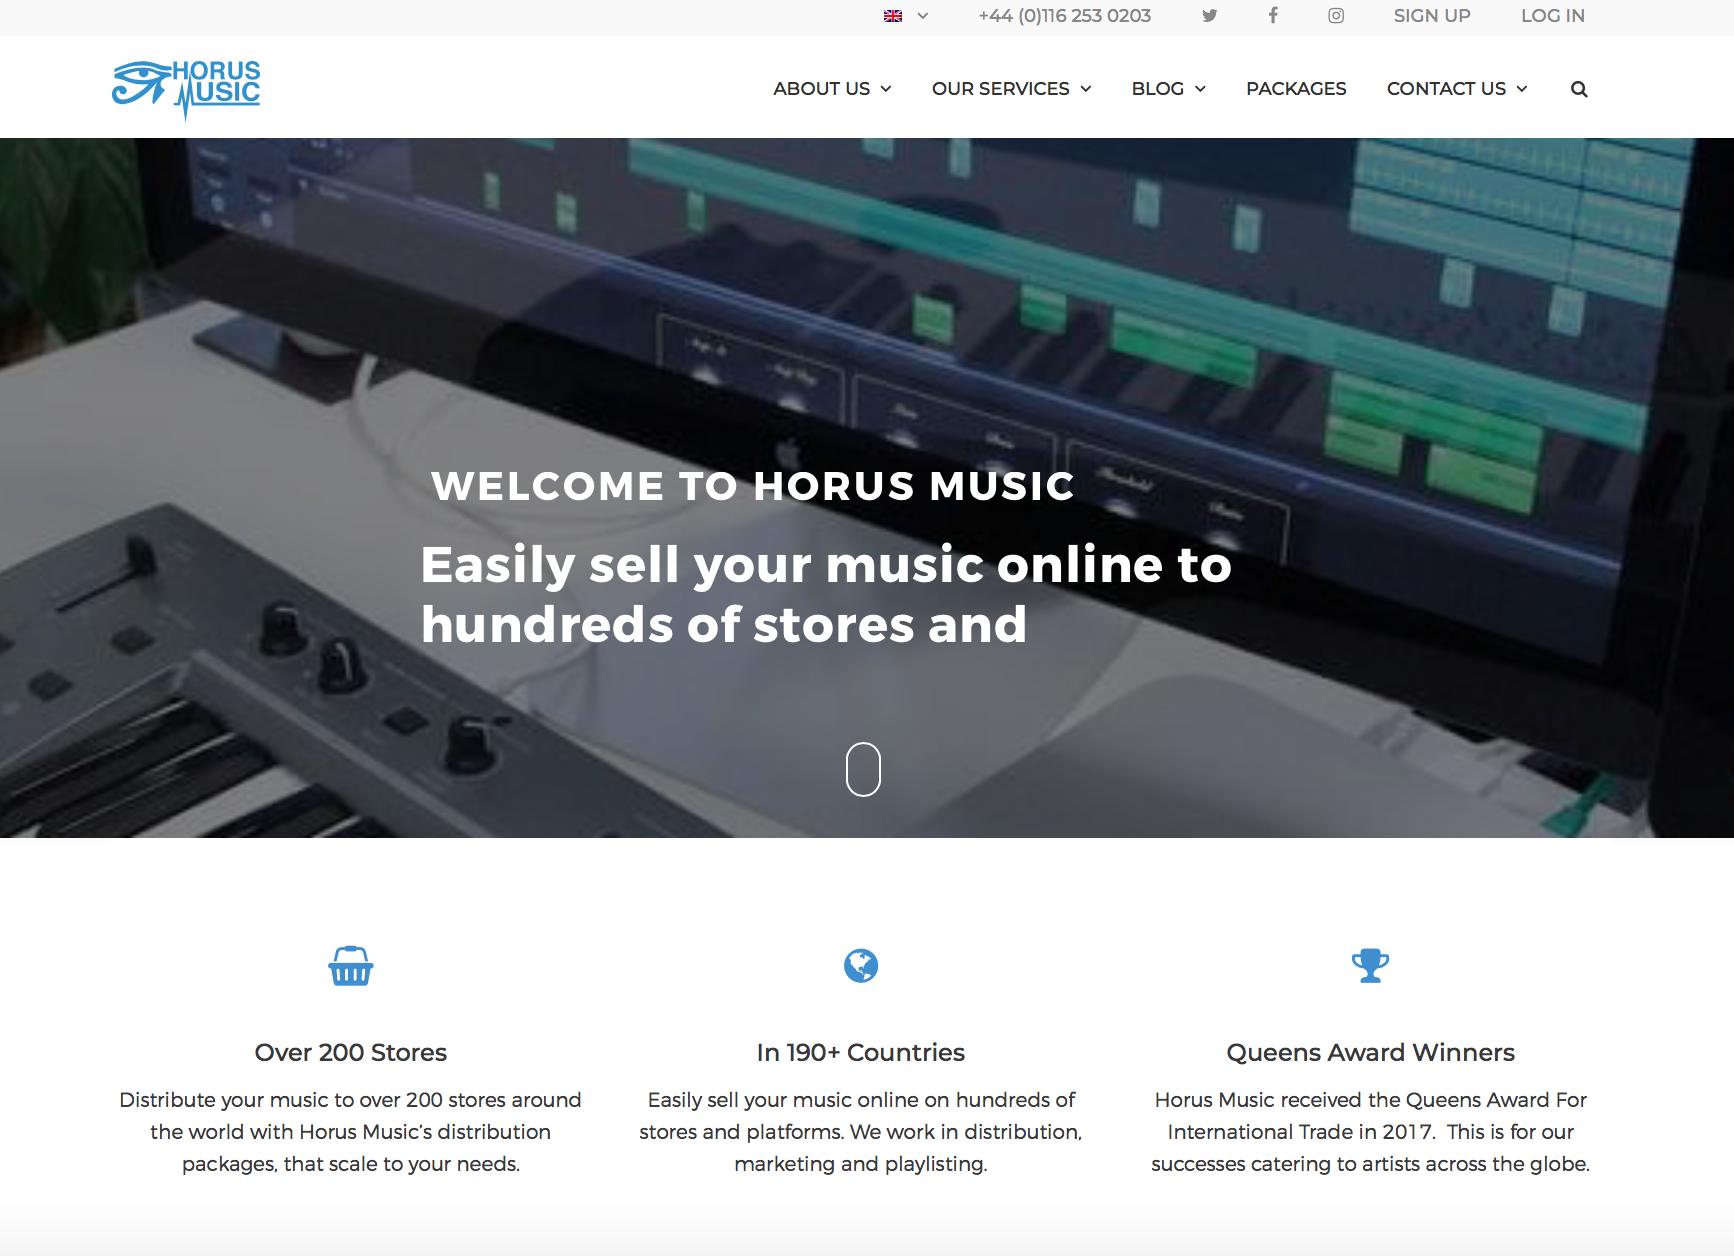 horus music website redesign case study